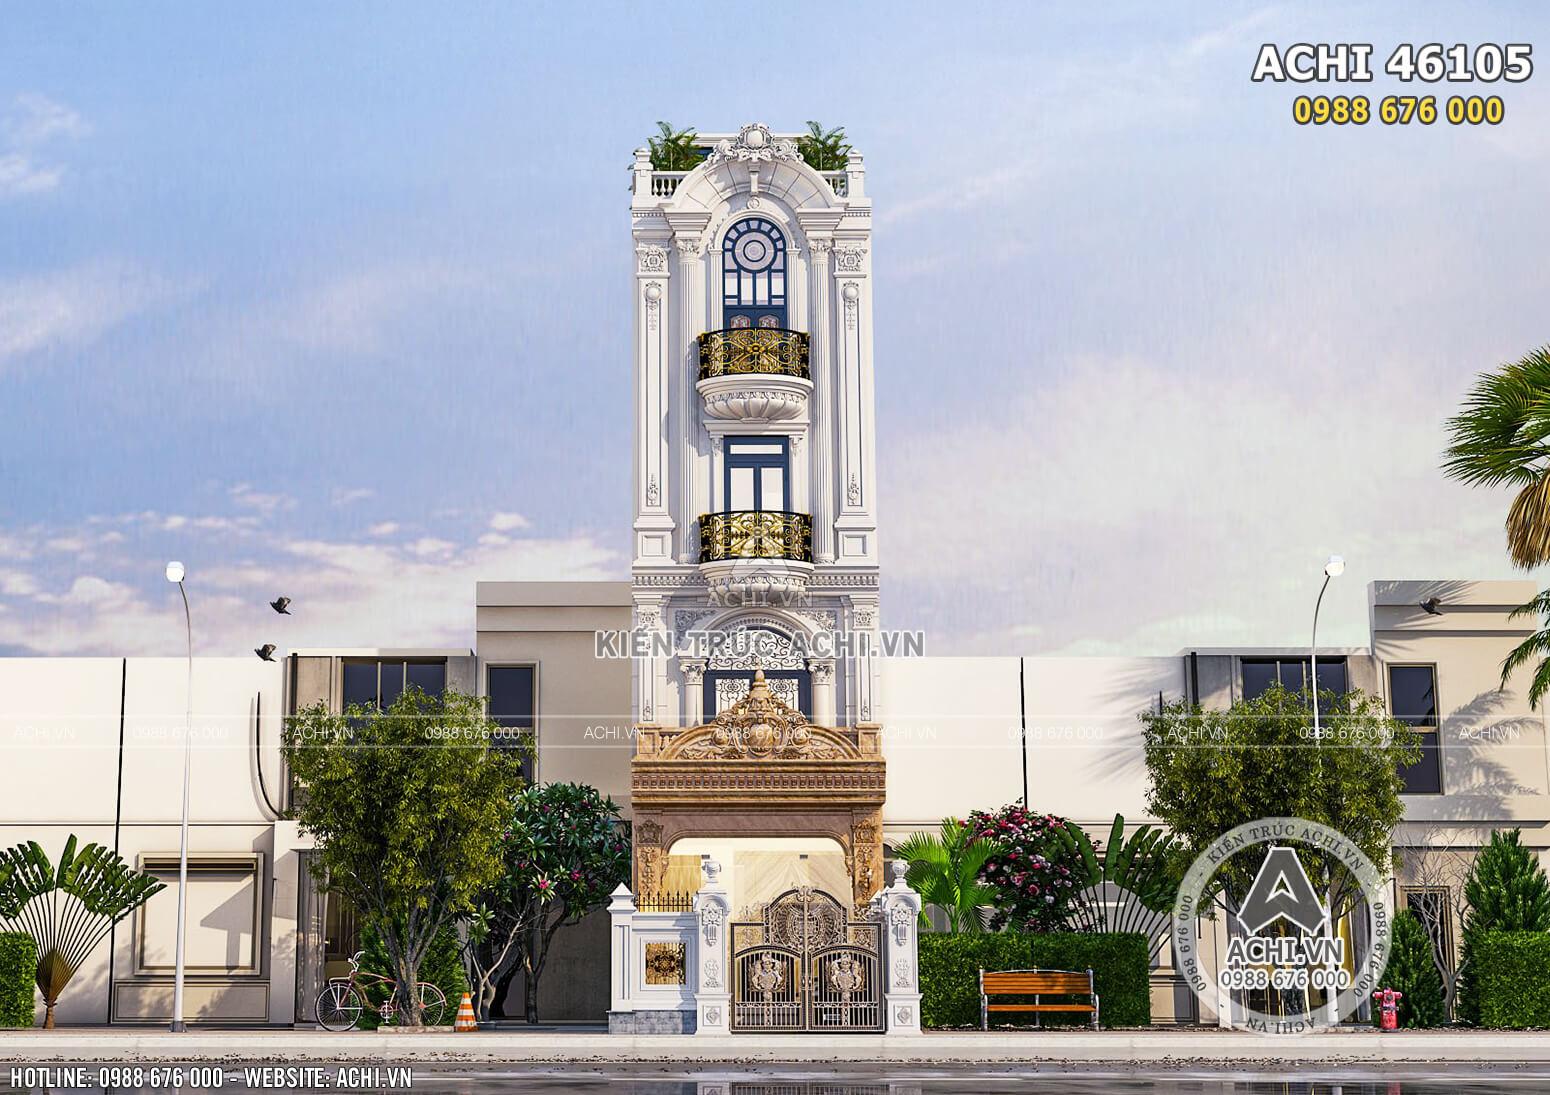 Không gian mặt tiền mẫu thiết kế biệt thự tân cổ điển đẹp tại Hà Nội